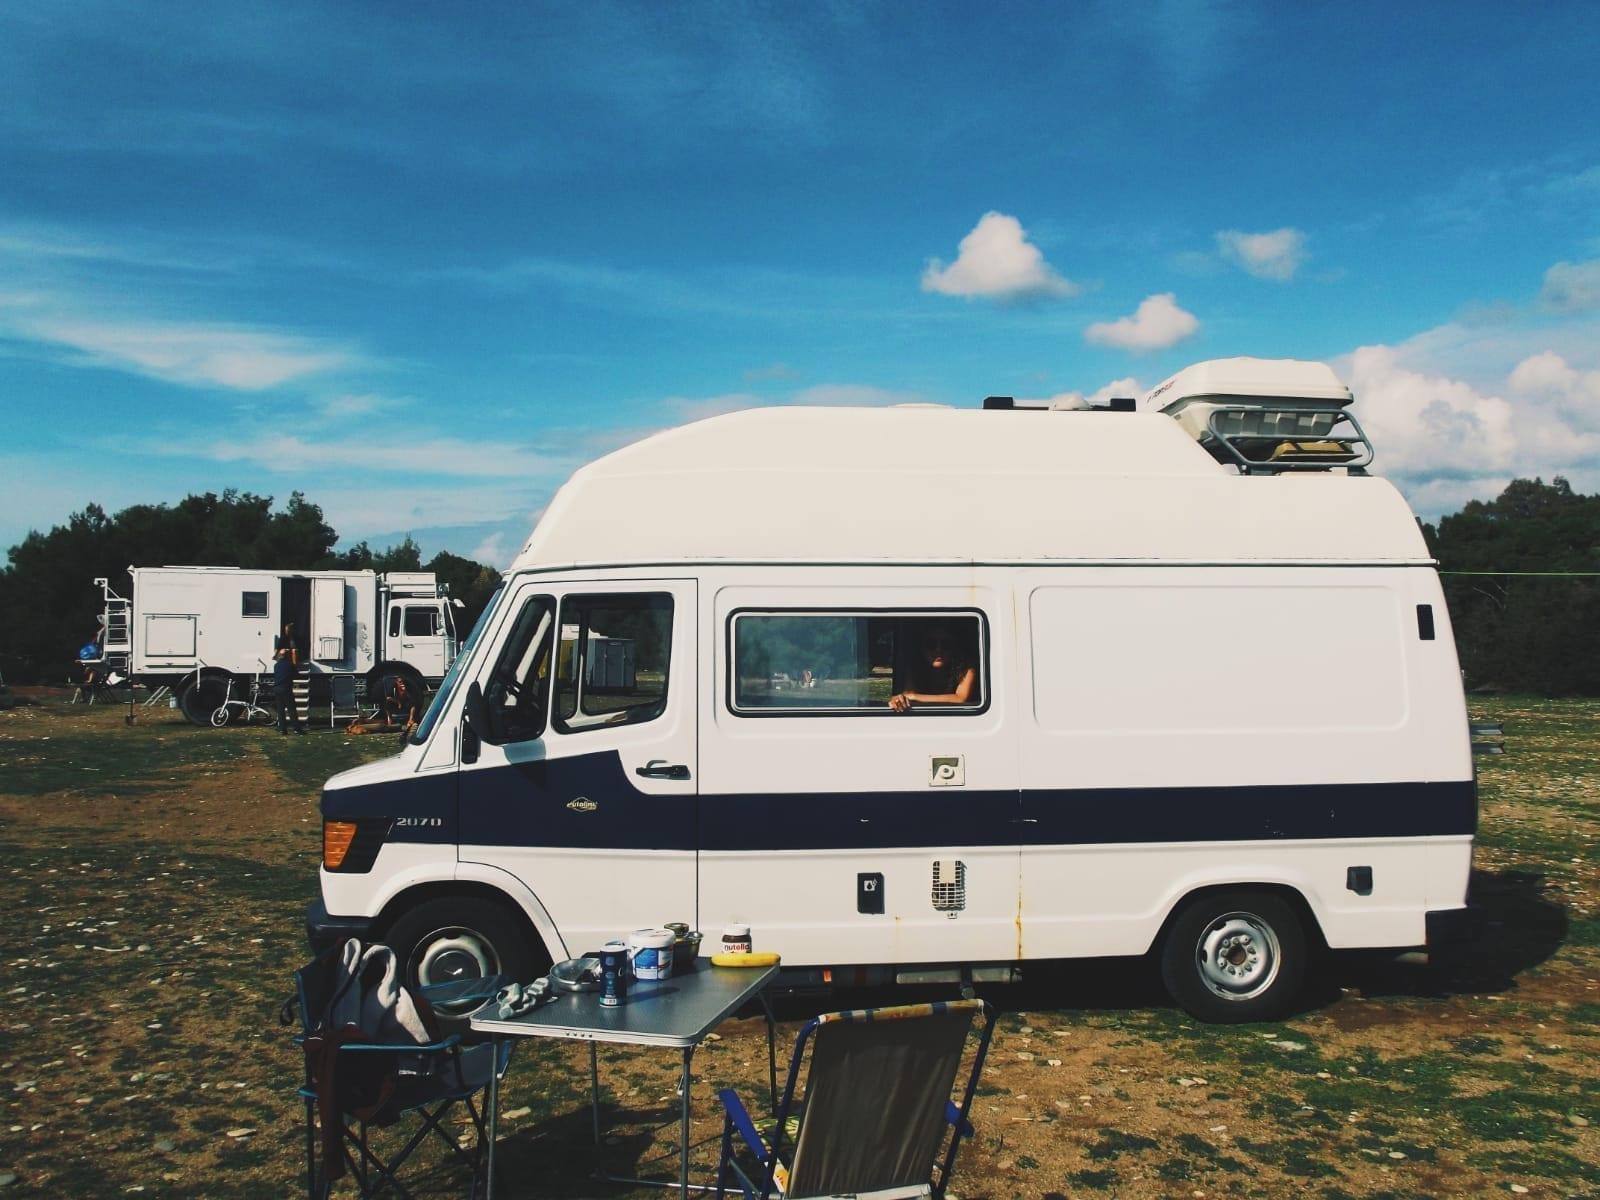 mercedes-207-d-westfalia-james-cook-voyage-roadtrip-europe-vanlife-van-amenage-oldschool-camping-car